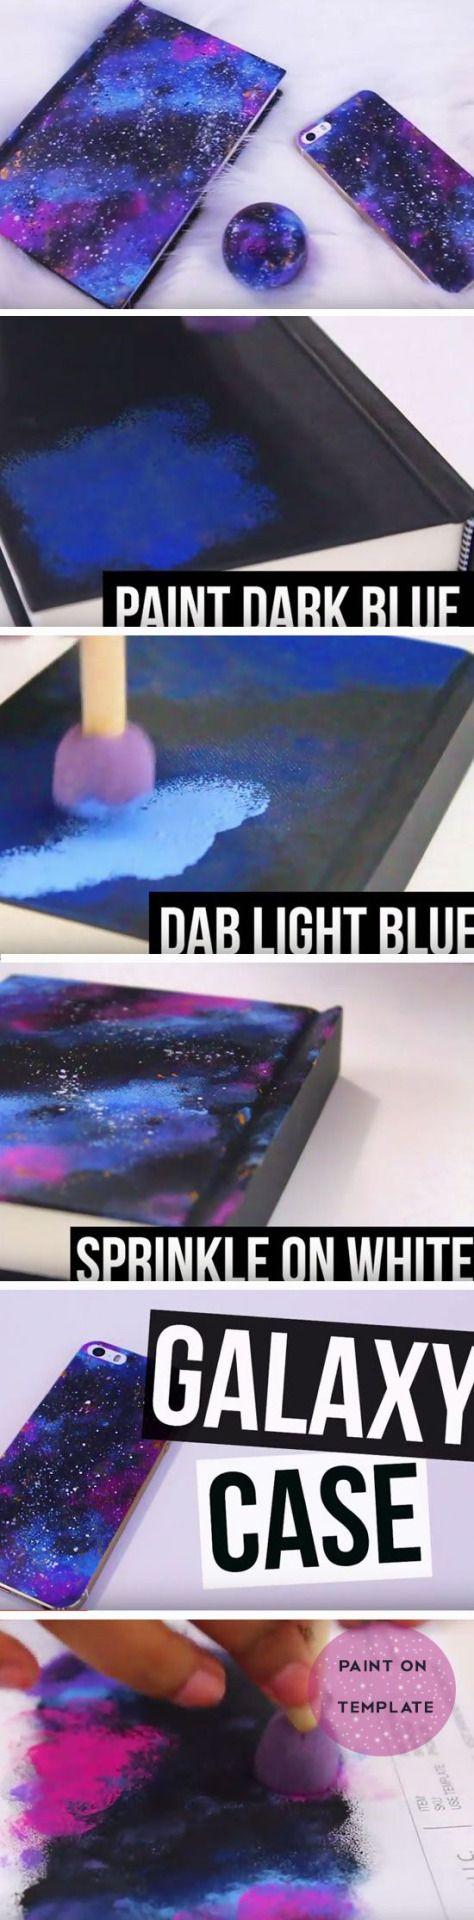 Aprende a hacer un baño de galaxias en YouTube - Mariale